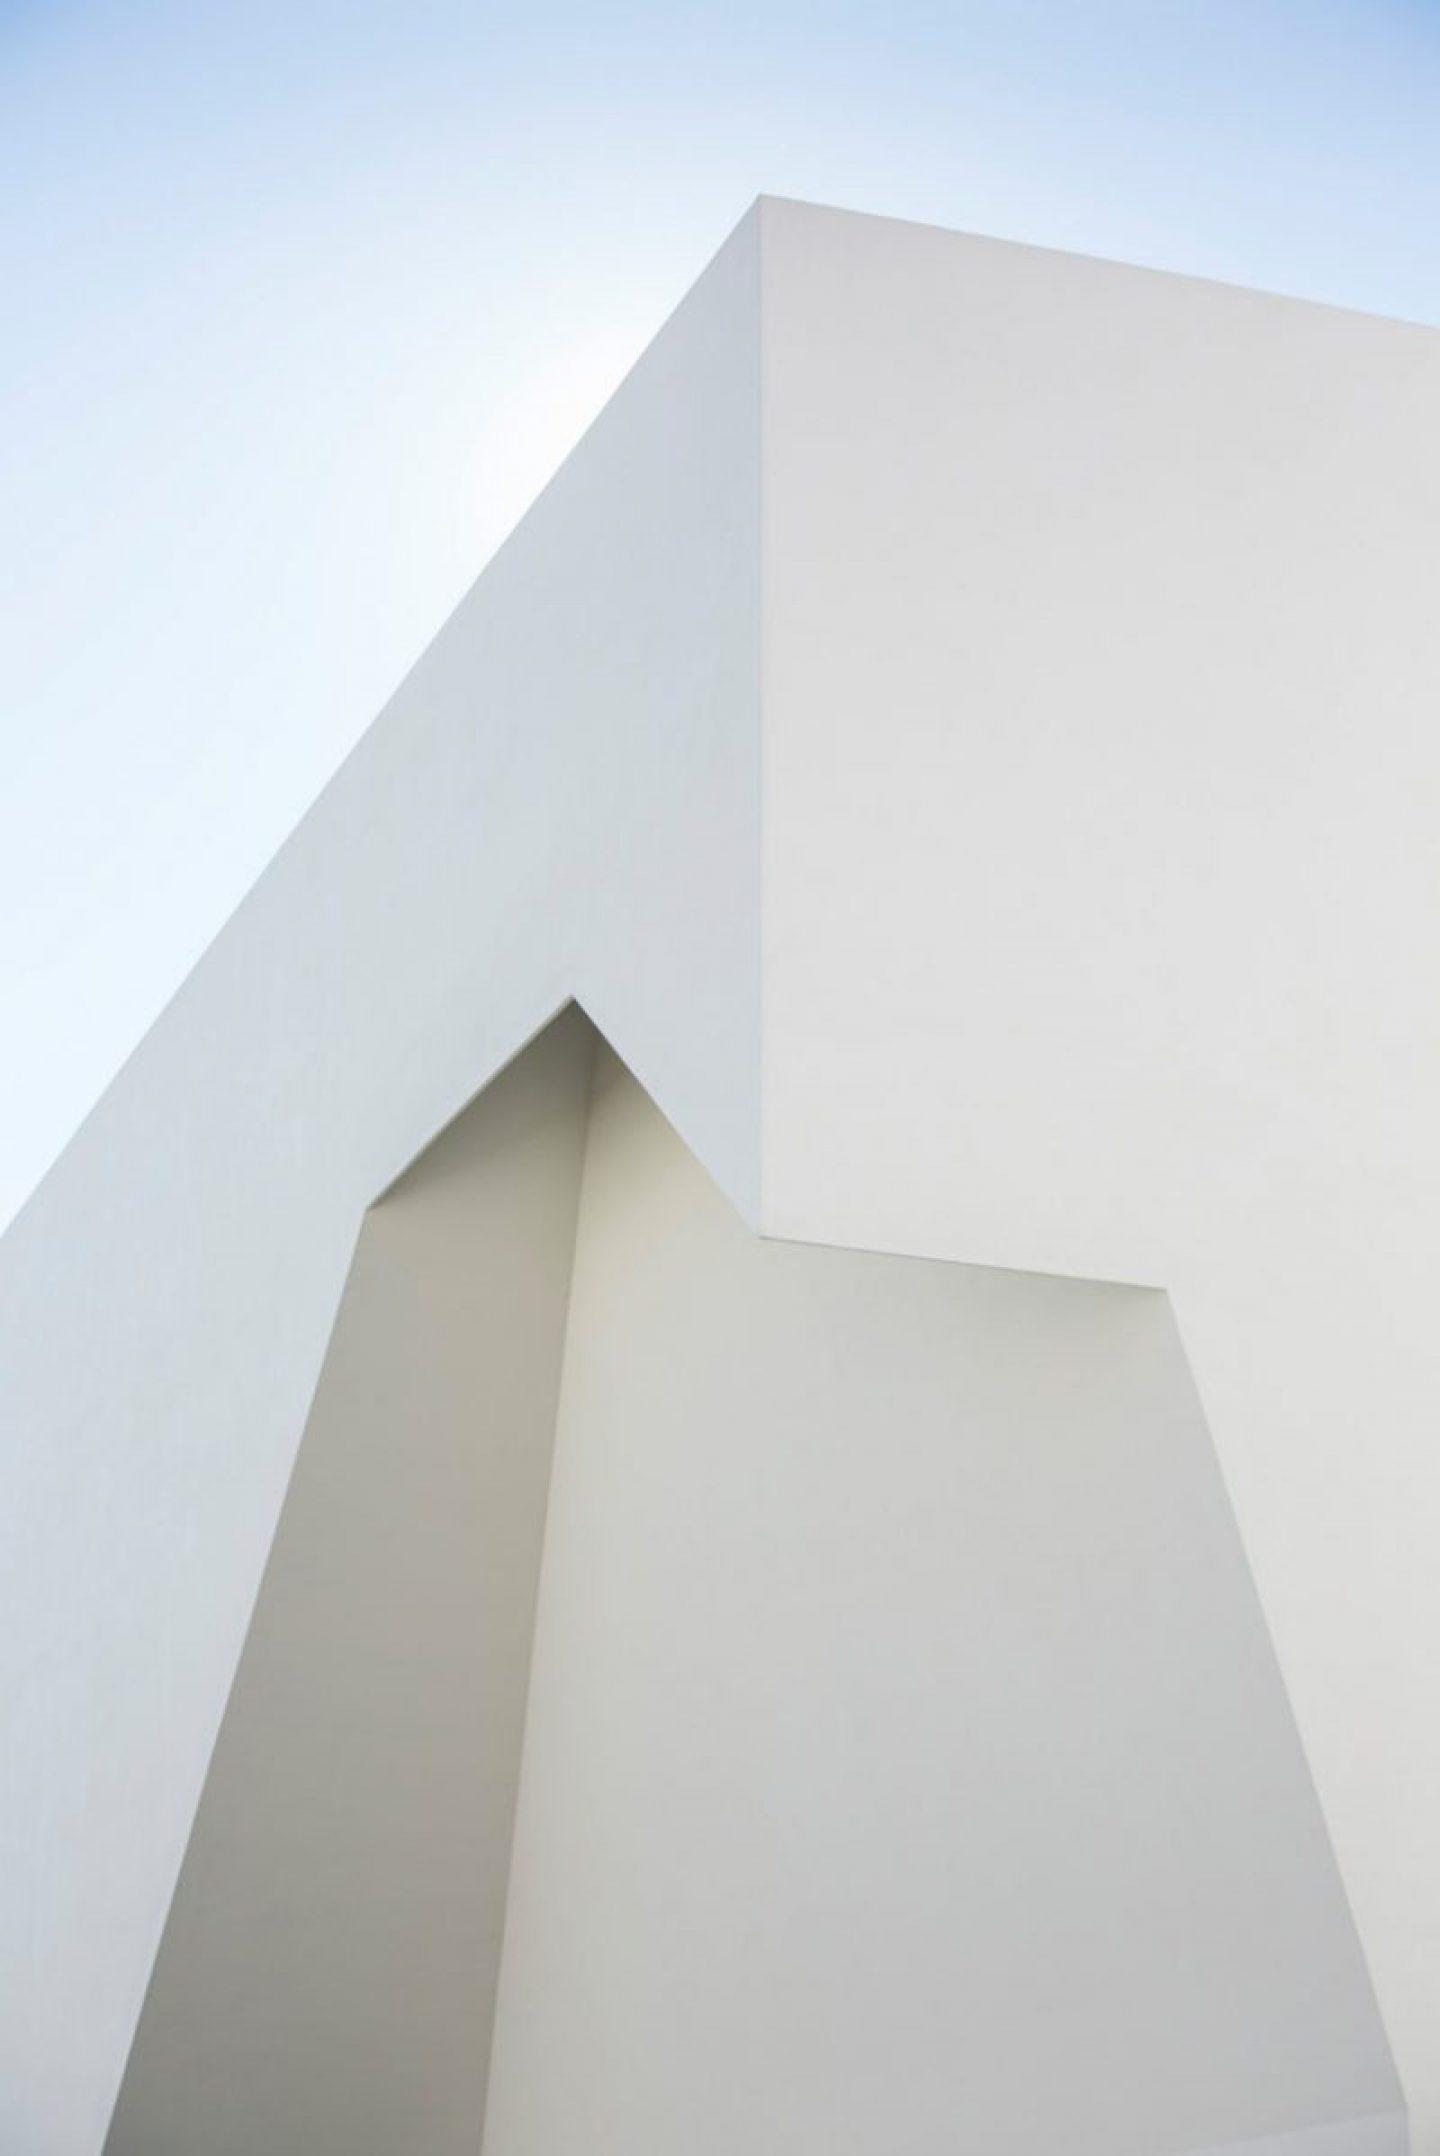 iGNANT_Architecture_Aires_Mateus_Monolithic_Meeting_Center_Grandola_02